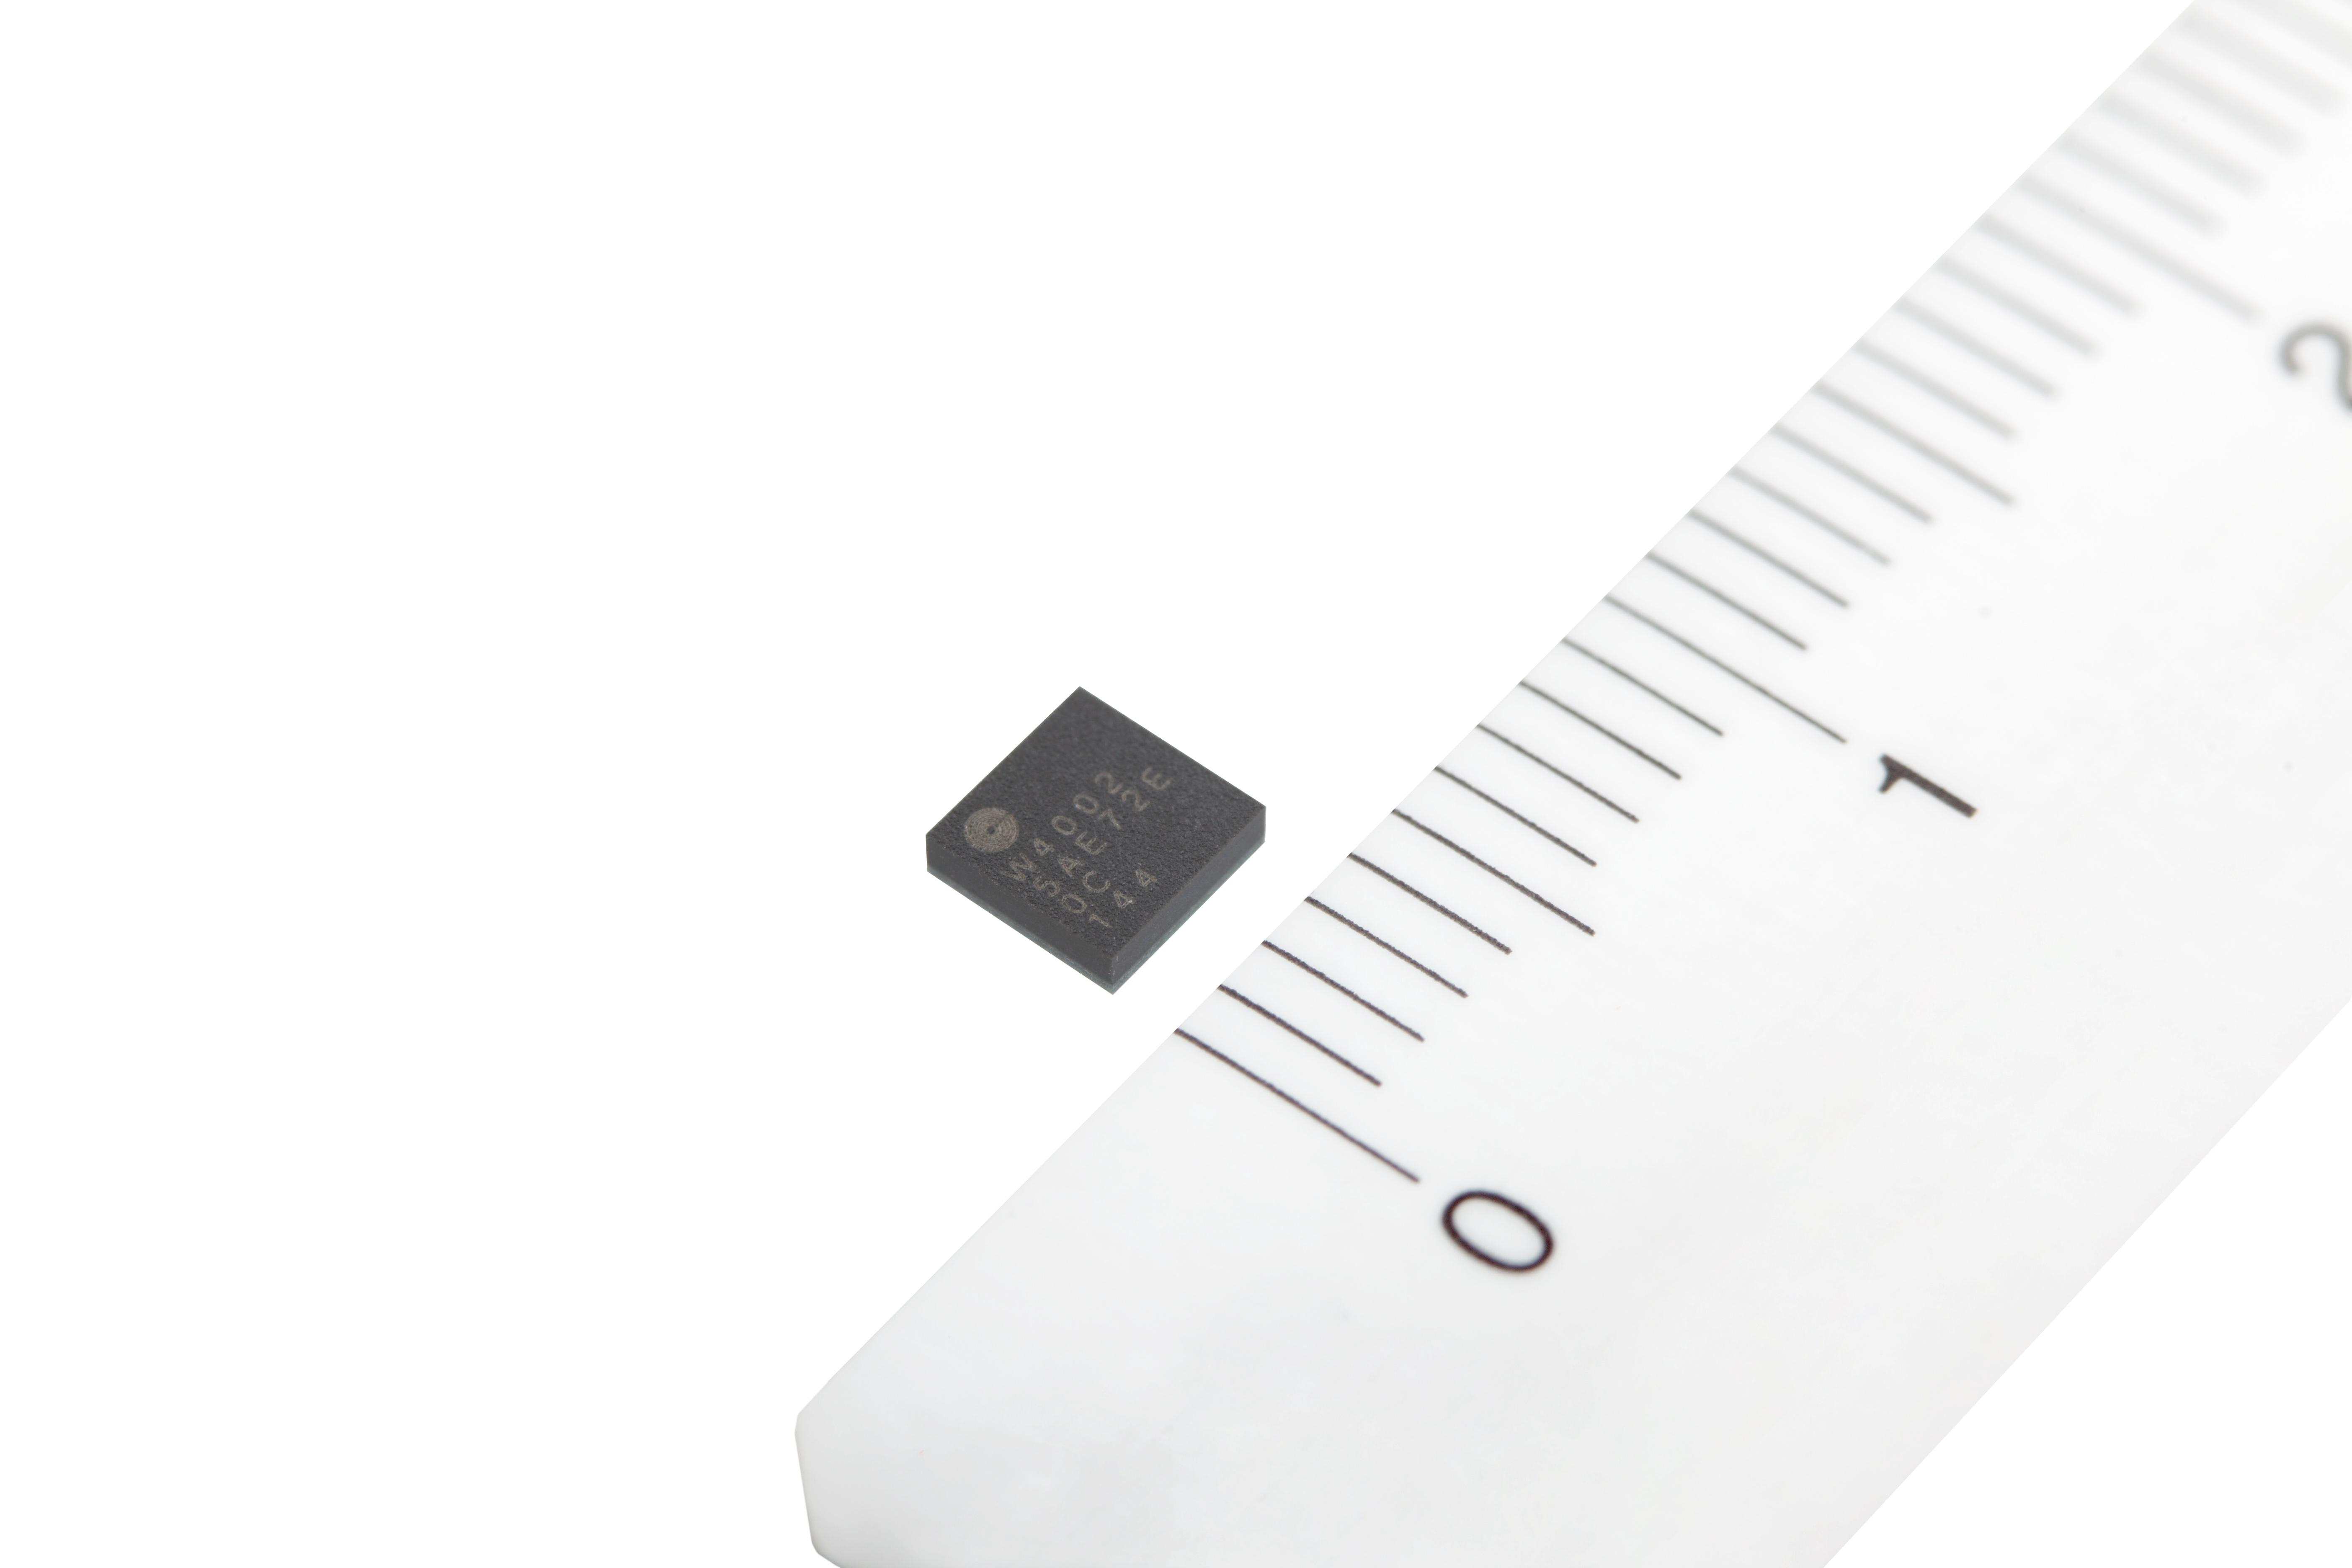 超小型模块世界最小级别的 Bluetooth®  V4.1 SMART 模块